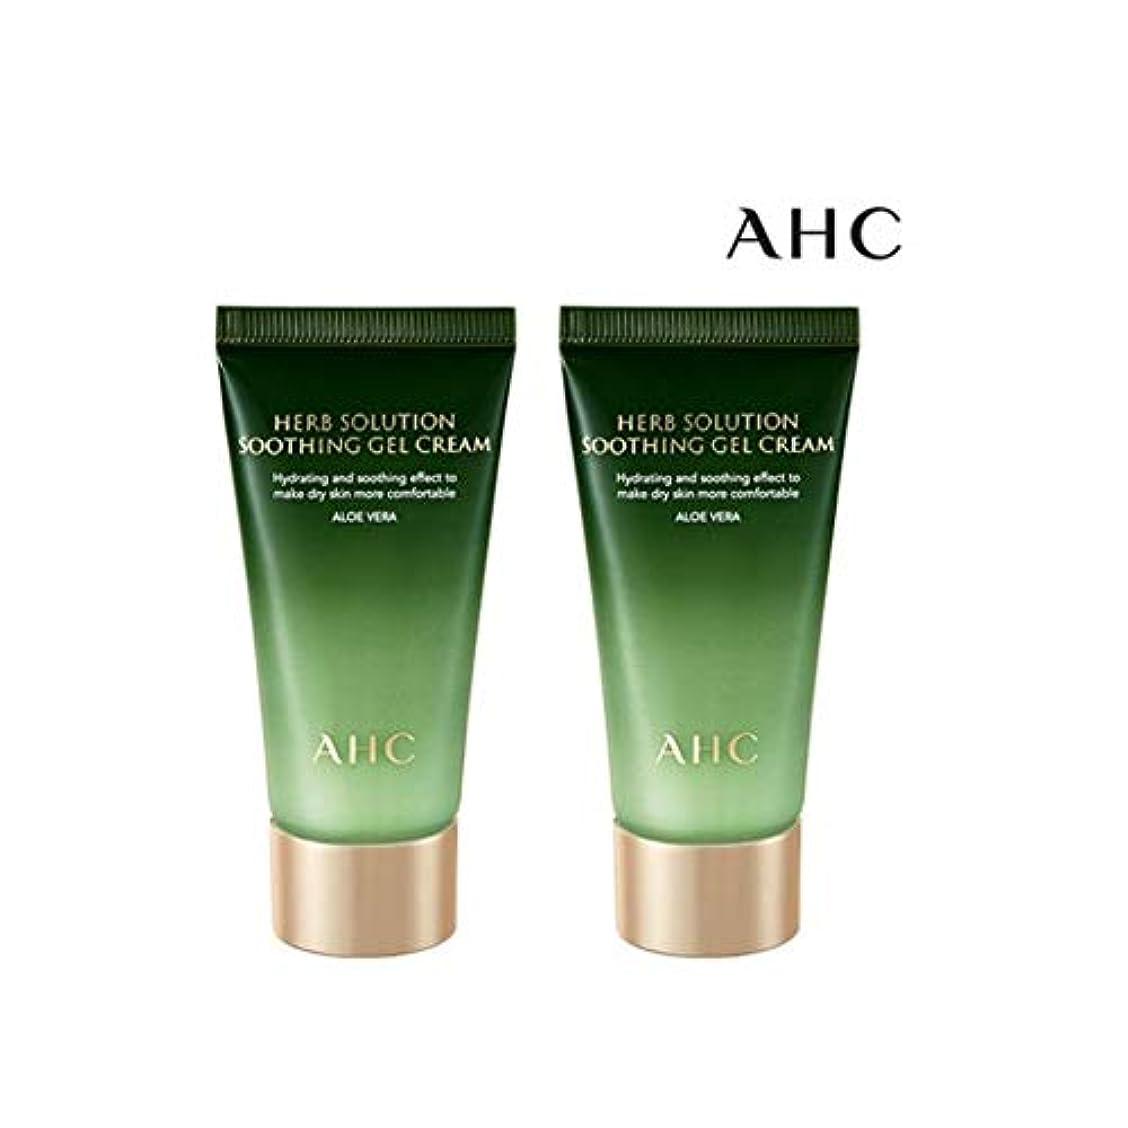 救援版ページAHCハブソリューションアロエベラスージングジェルクリーム50mlx2本セット韓国コスメ、AHC Herb Solution Aloe Vera Soothing Gel Cream 50ml x 2ea Set Korean...